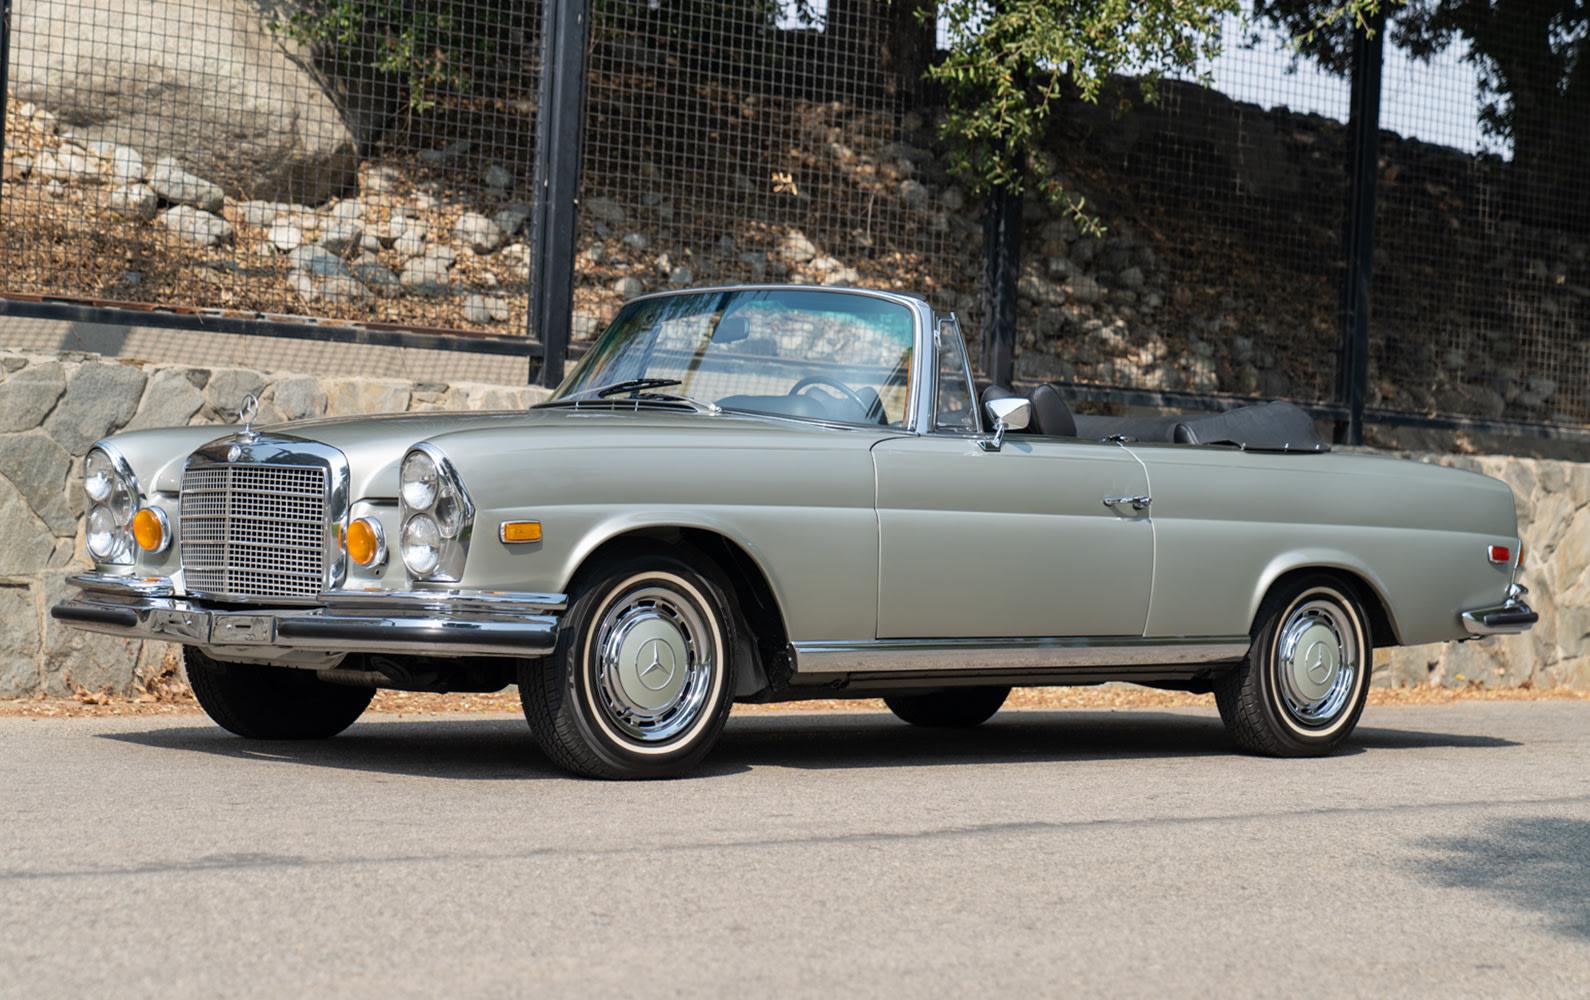 Prod/O21A - Scottsdale 2021/1442 - 1971 Mercedes-Benz 280 SE 3.5 Cabriolet/1971_Mercedes-Benz_280_SE_Cabriolet_44_zb4rwe